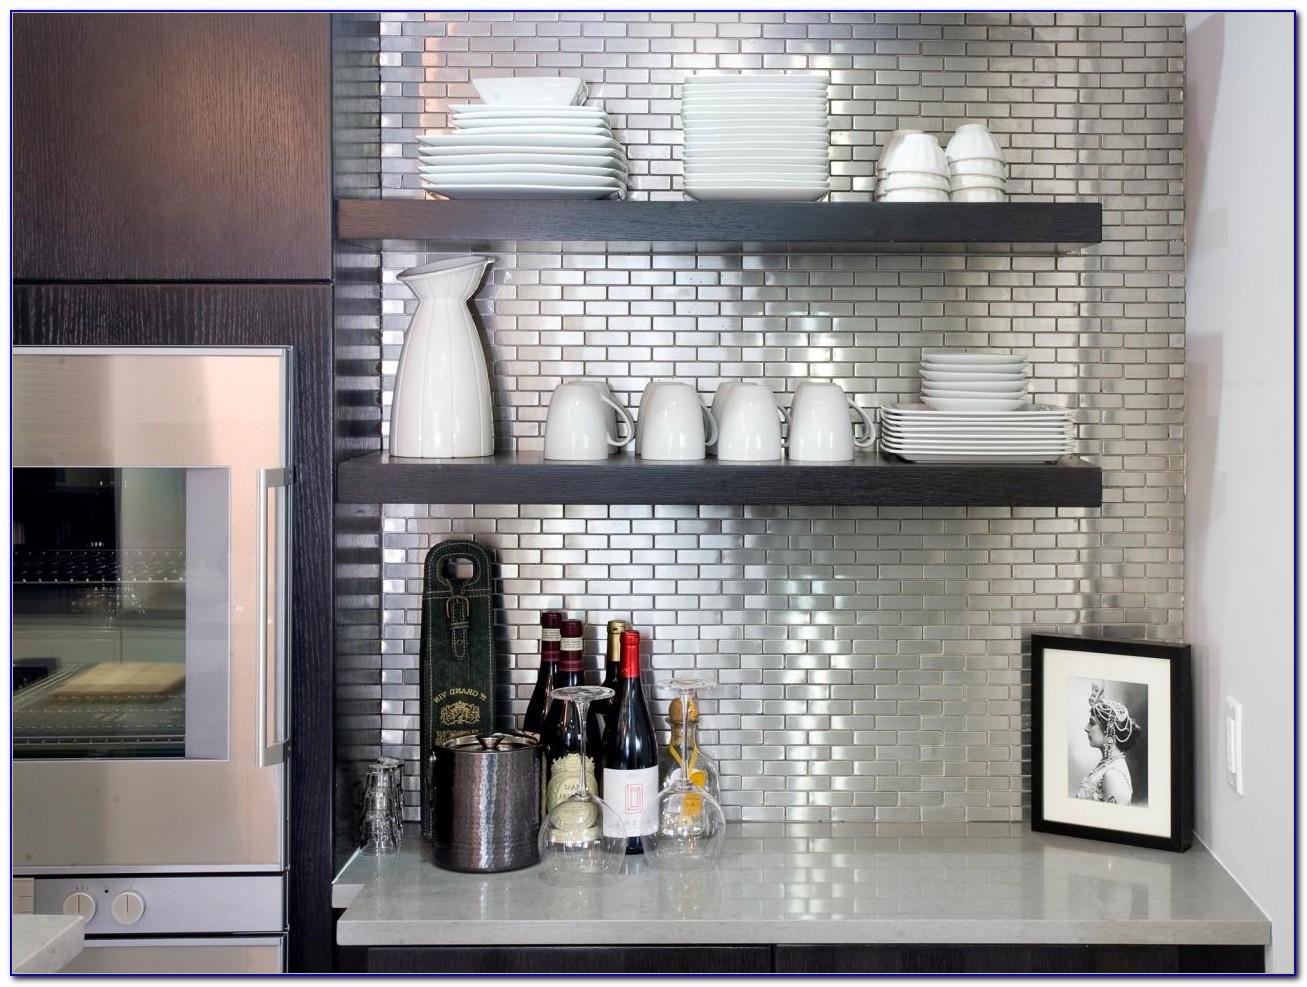 Stainless Steel Backsplash Tiles Menards